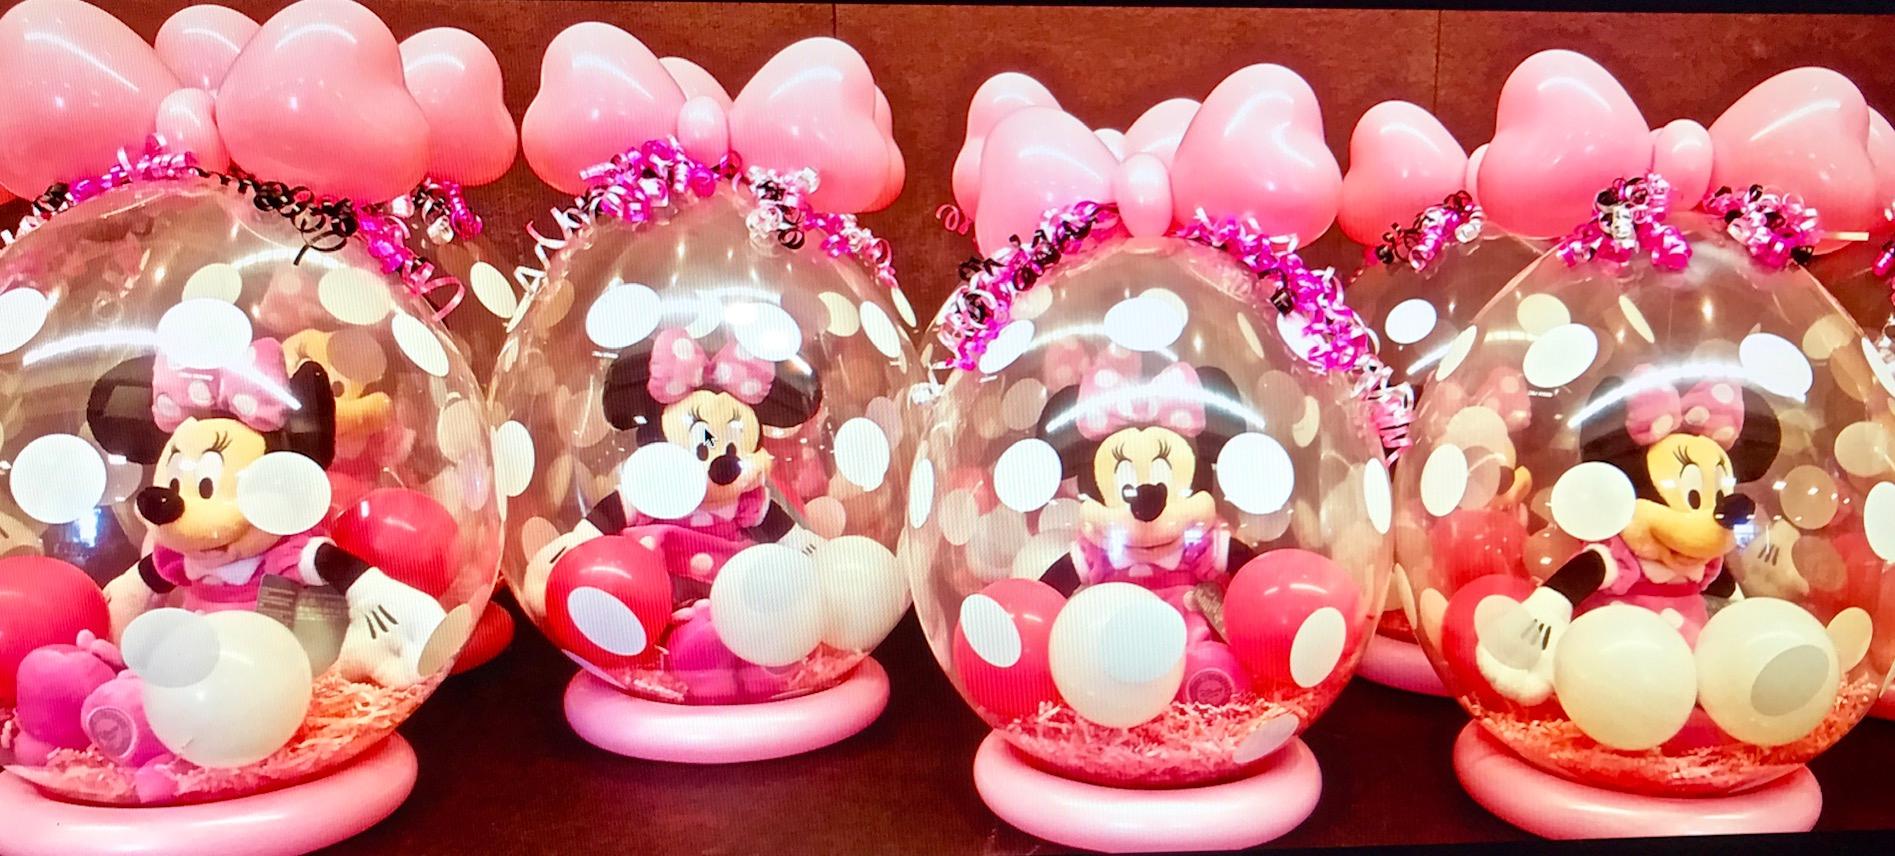 stuffed balloon centerpieces